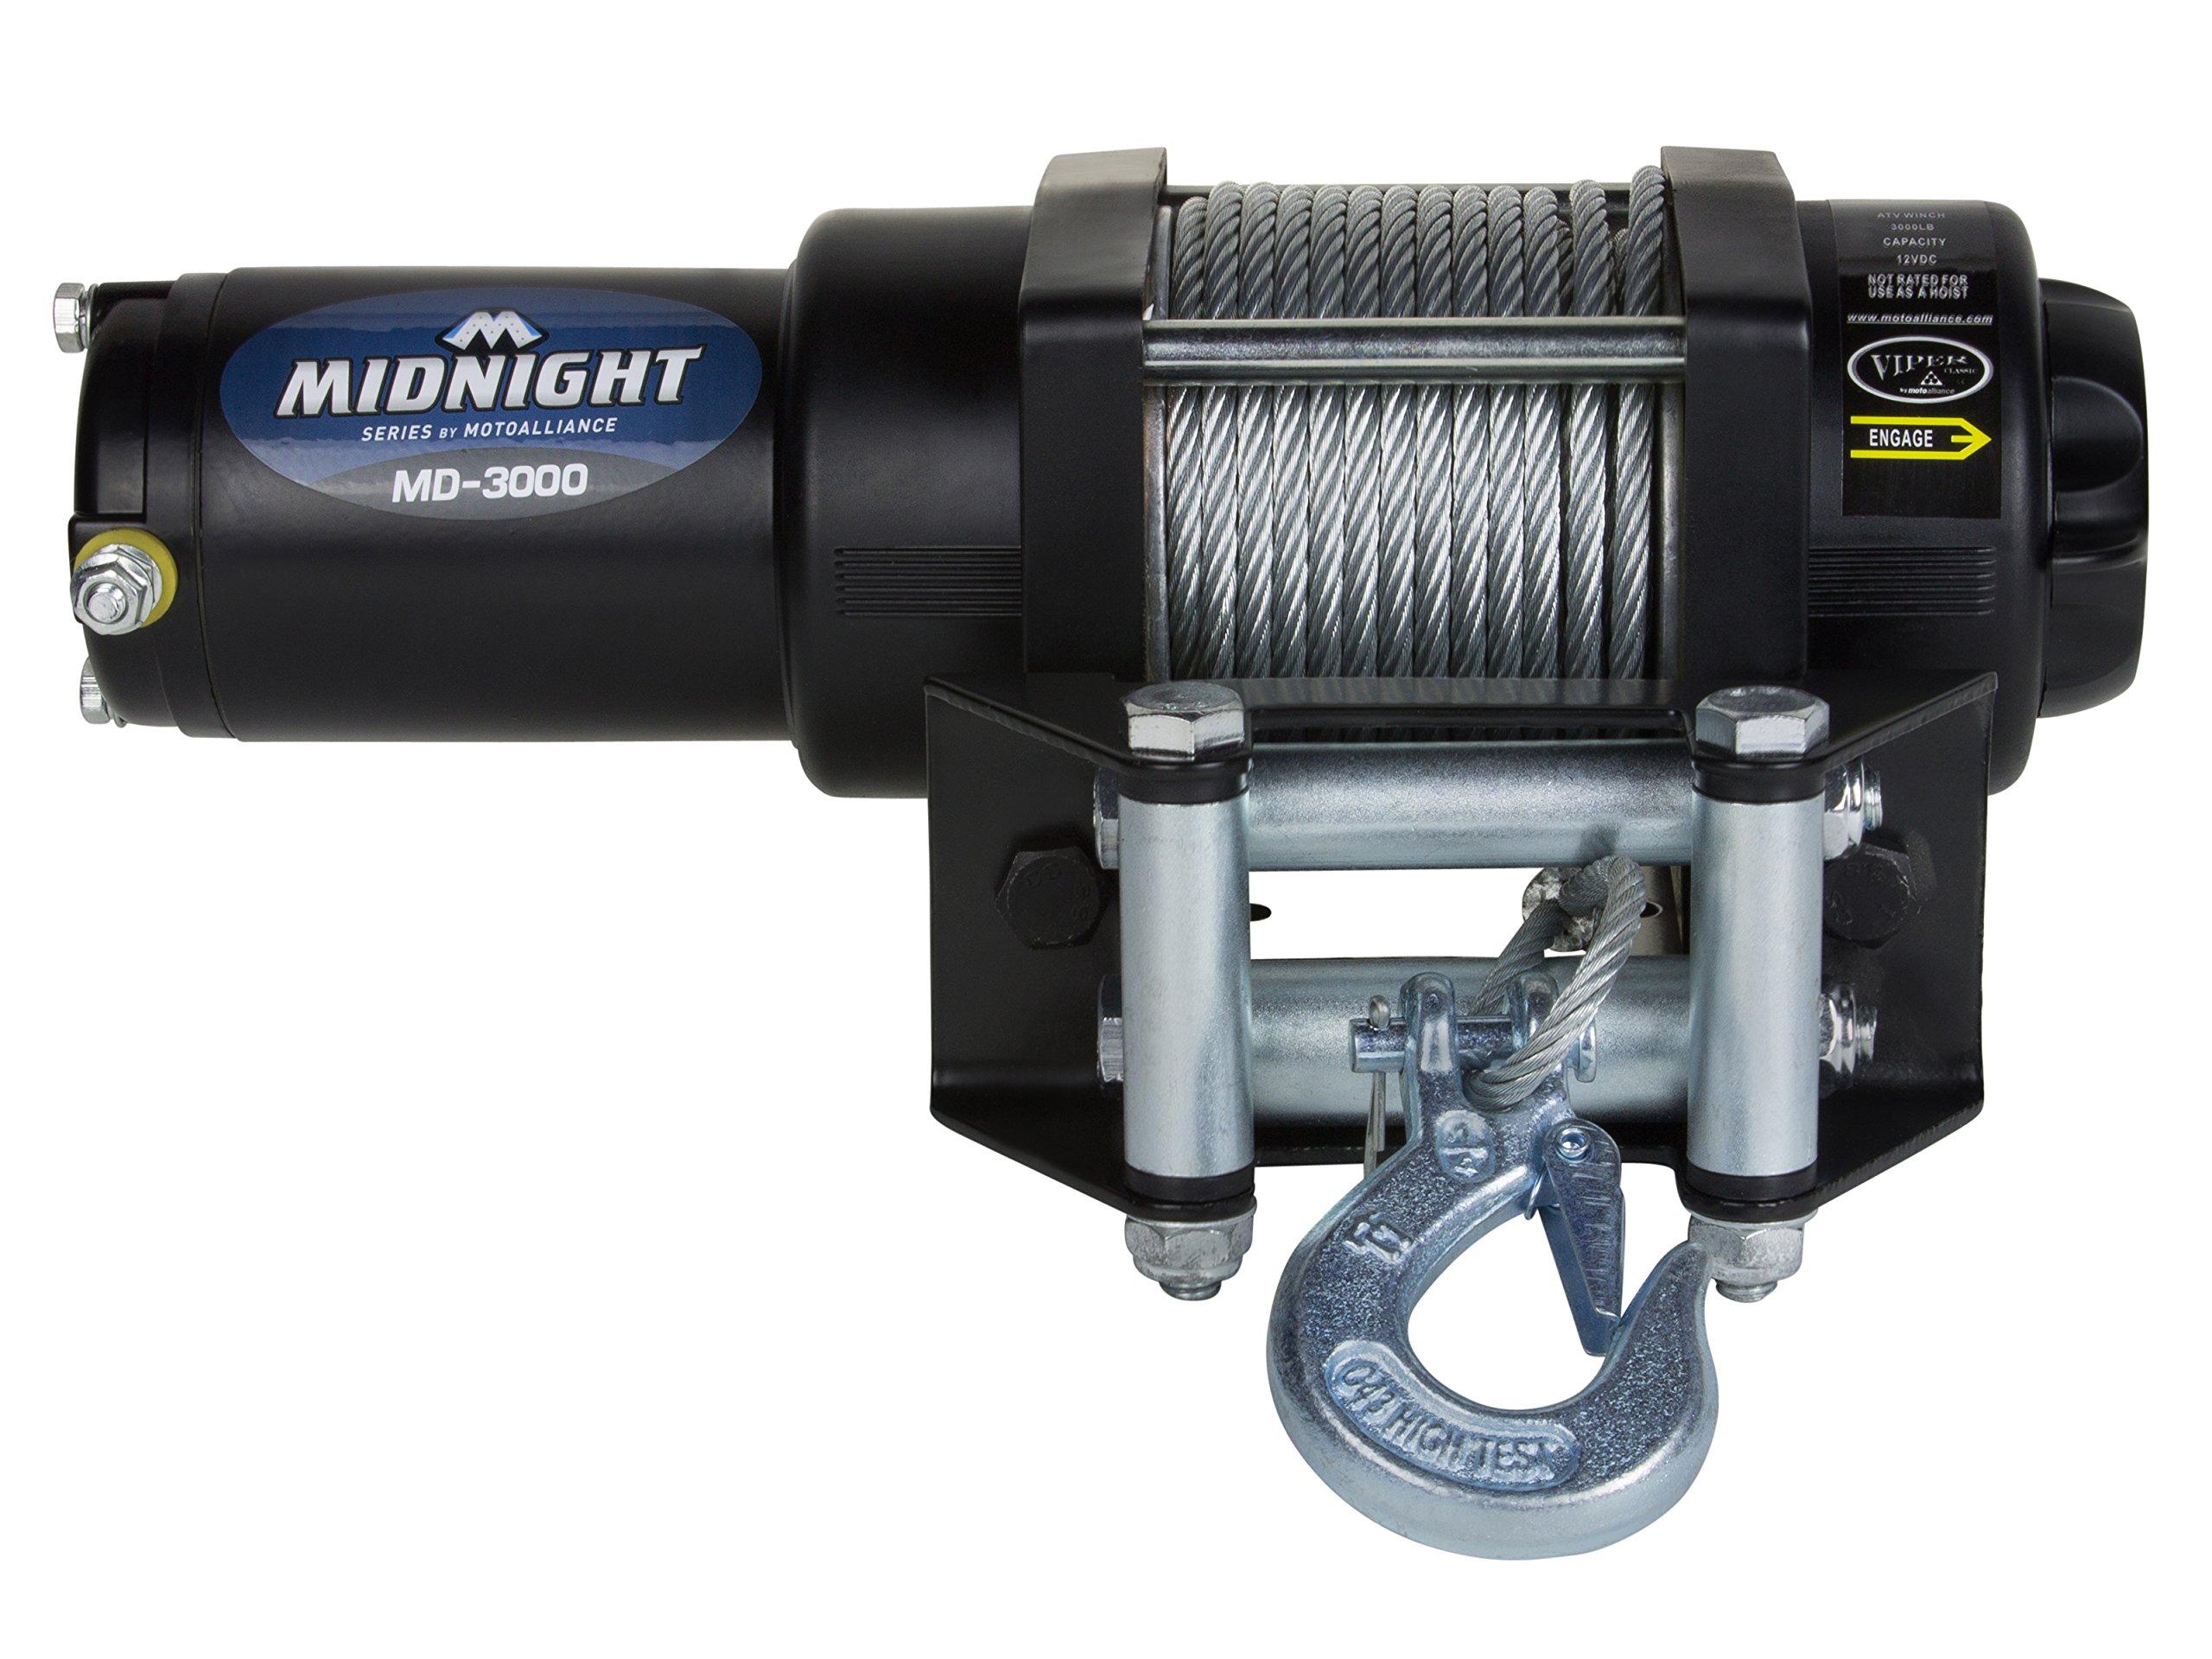 MotoAlliance VIPER Midnight ATV/UTV Winch 3000lb with 50 feet Steel Cable by MotoAlliance